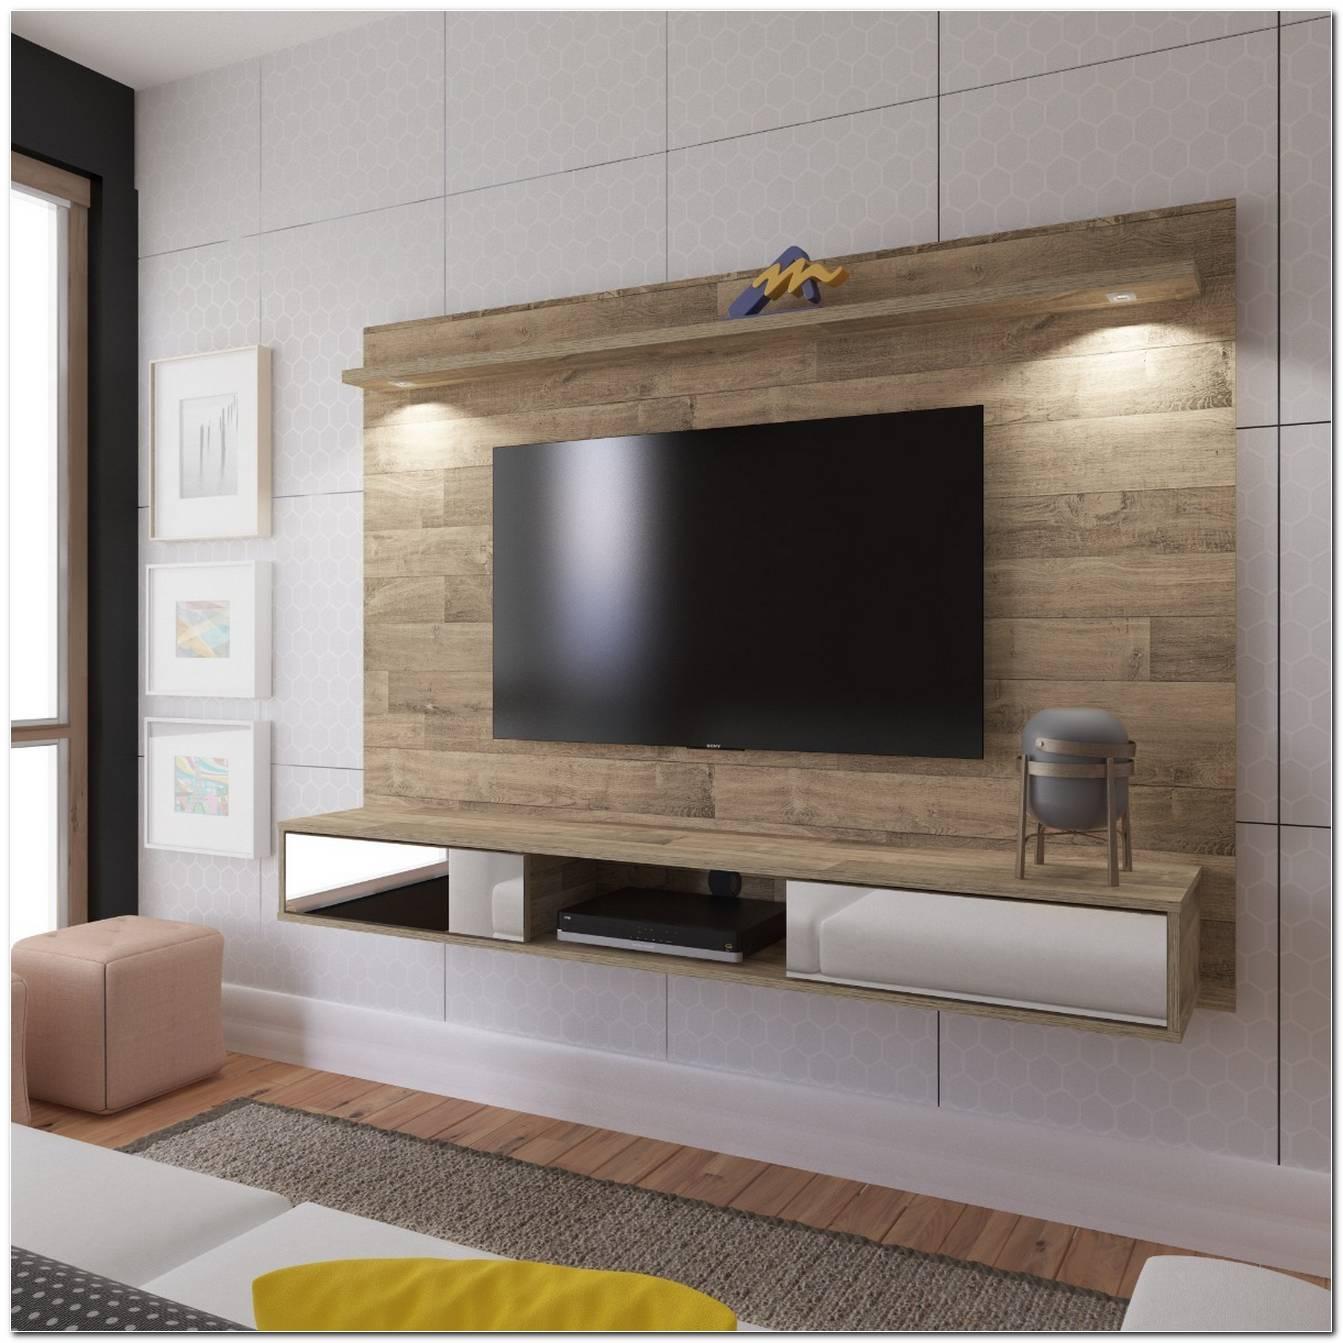 Painel Para Sala De Tv Com Espelho